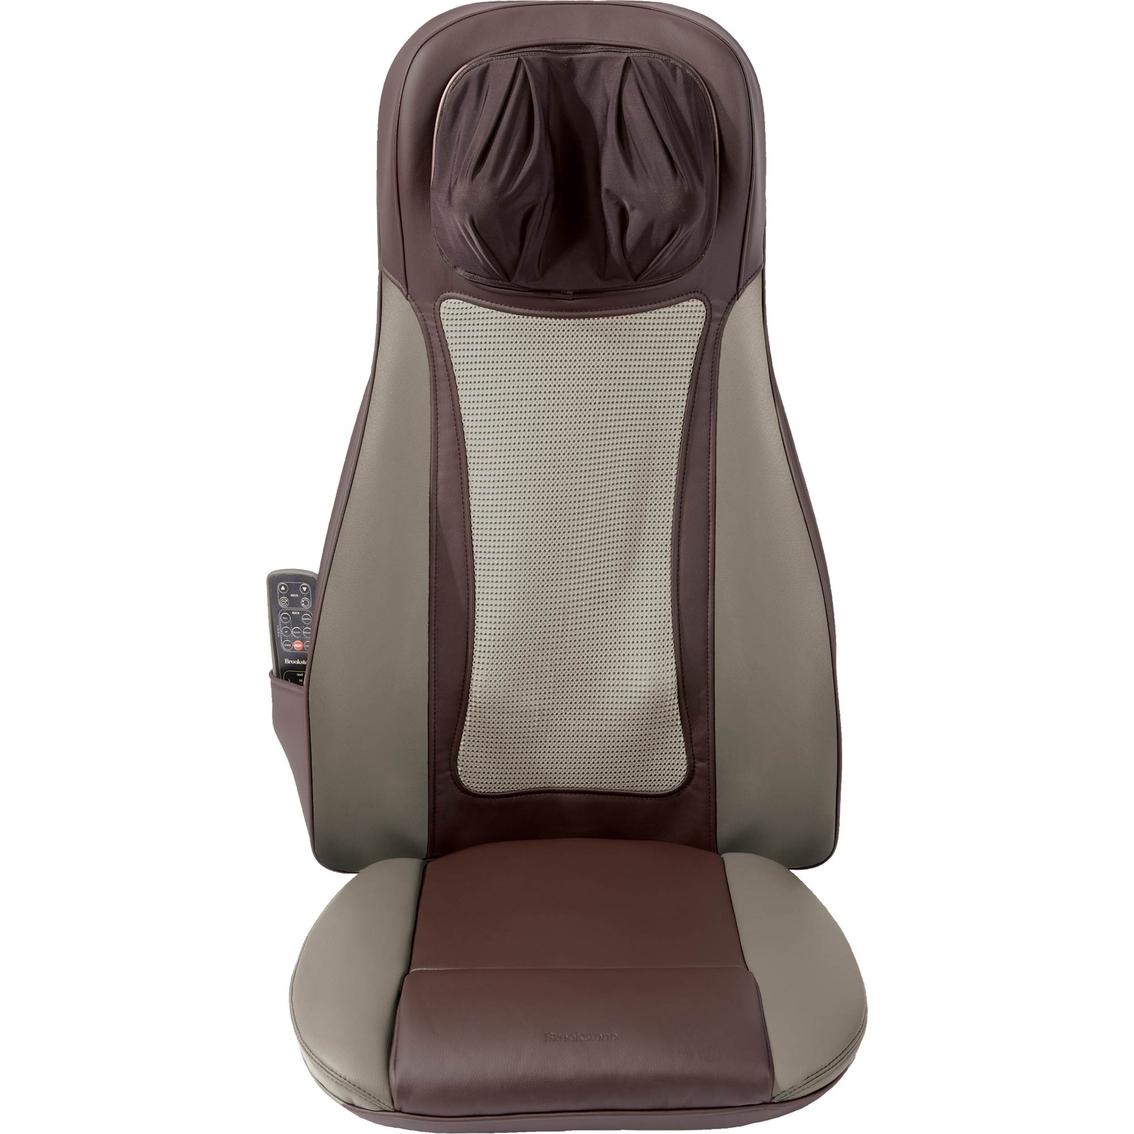 Brookstone S6 Shiatsu Seat Massager With Heat Massagers